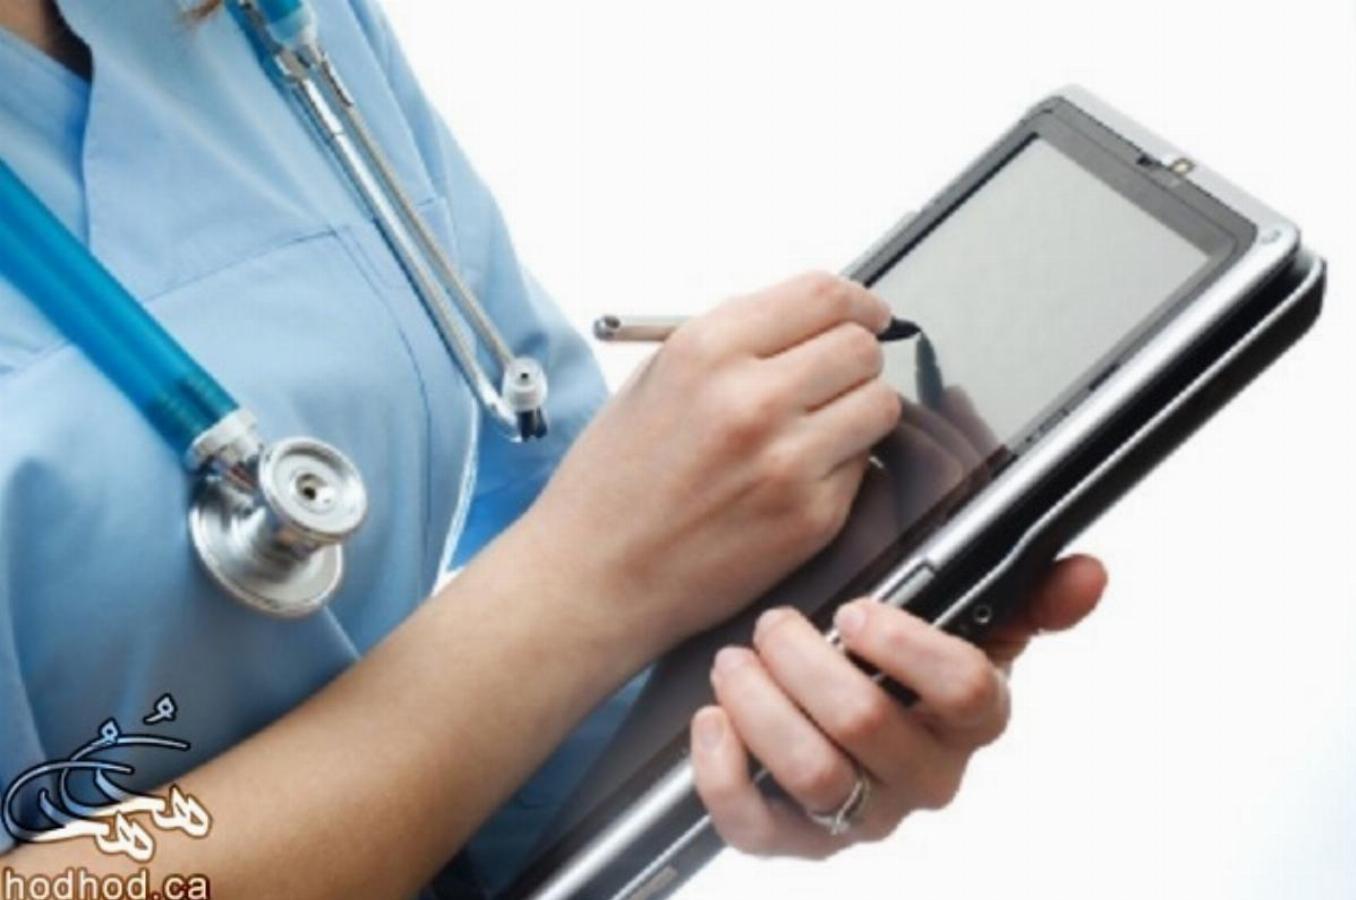 آشنایی با رشته شغلی انفورماتیک پزشکی در کانادا